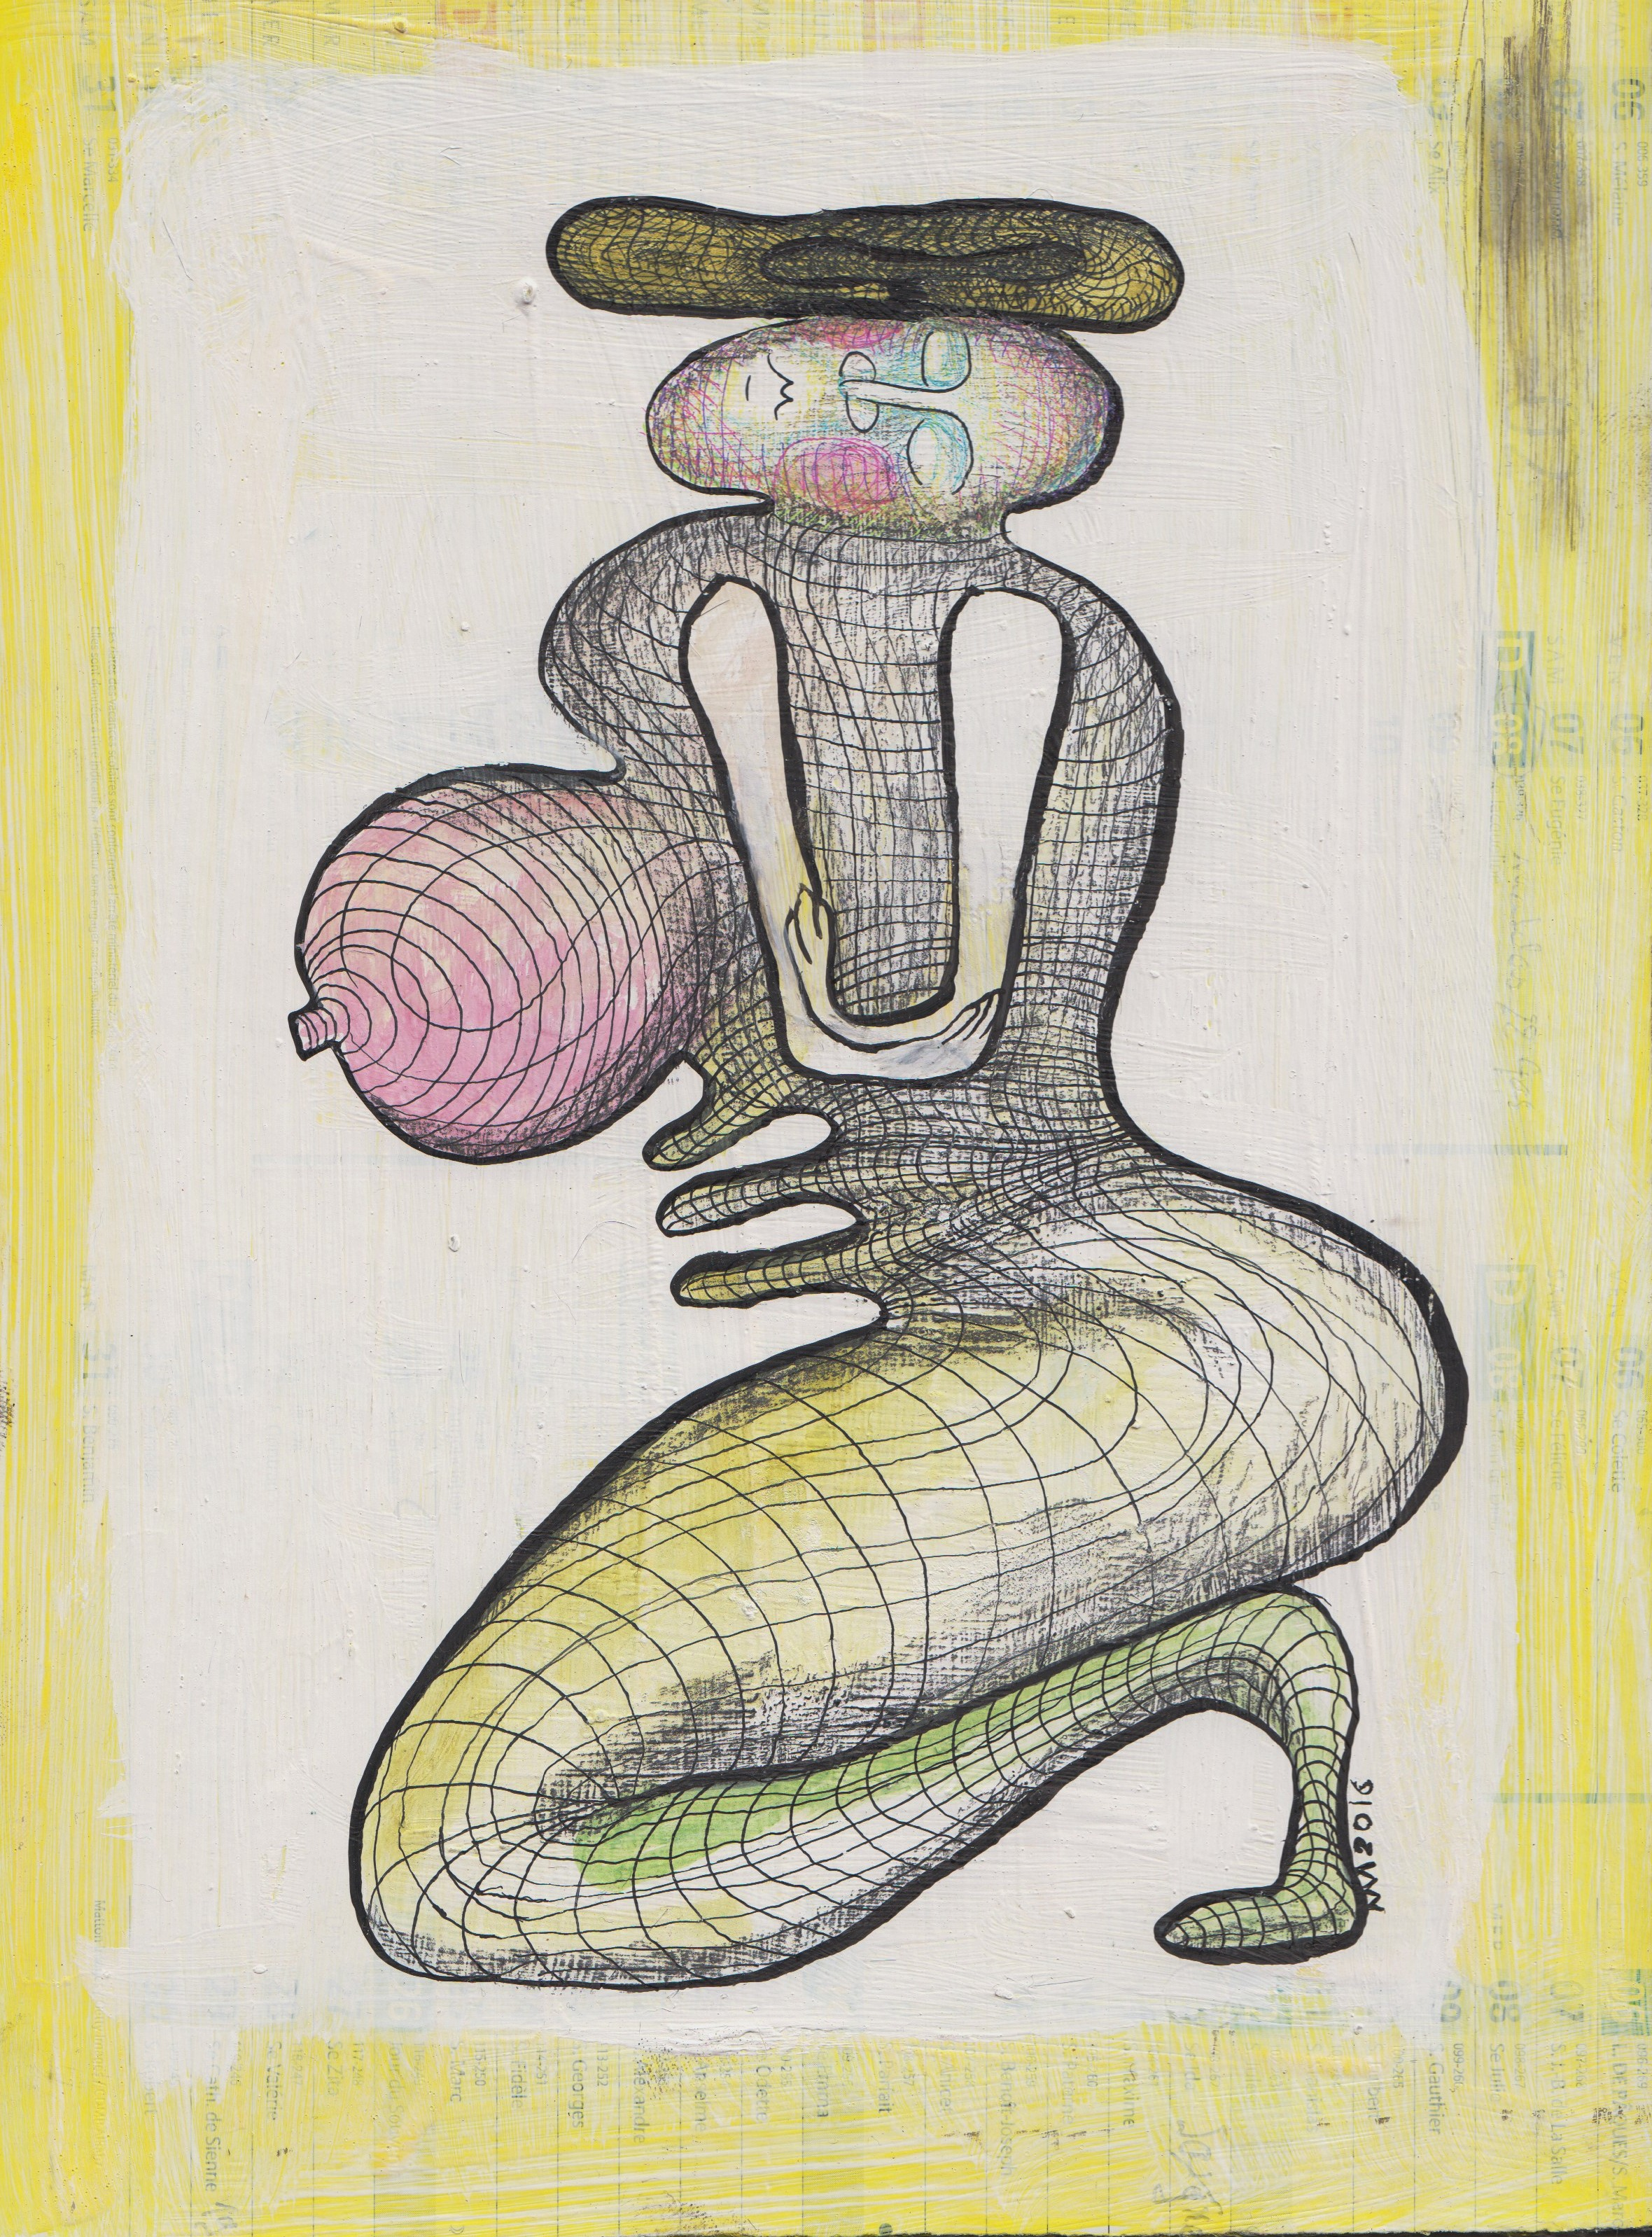 Femme agenouillée, 30x20 cm